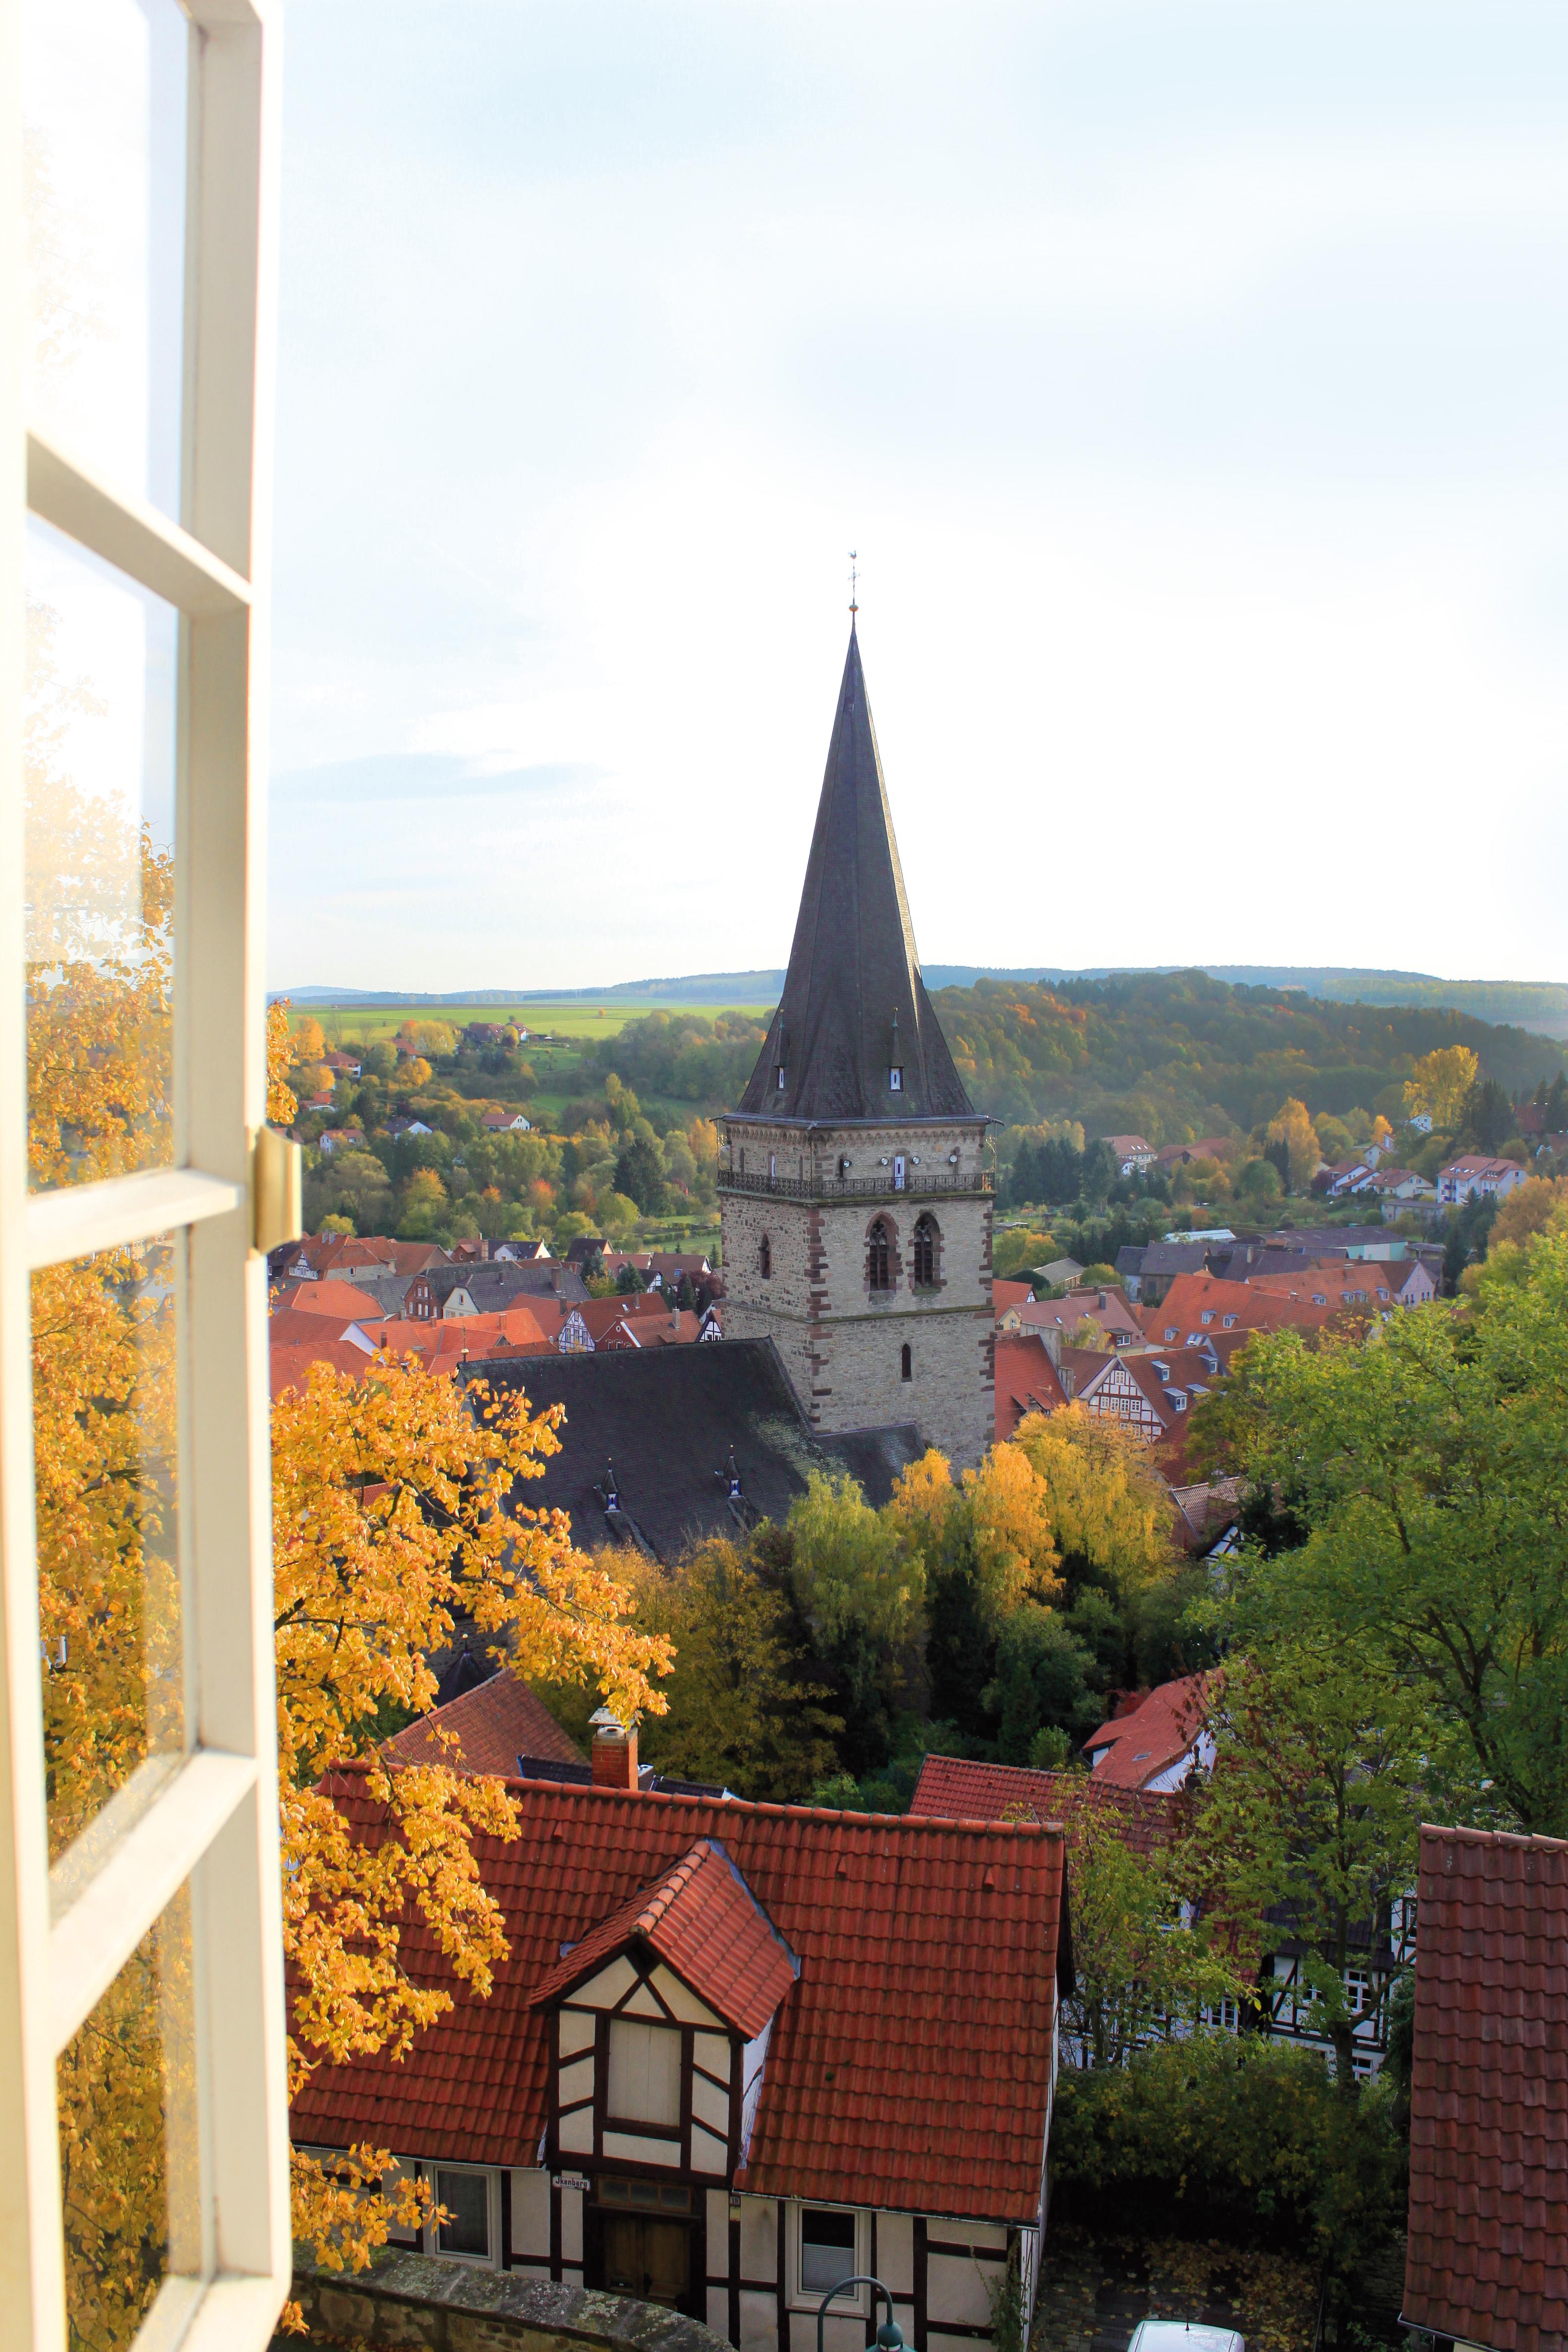 Blick auf die Altstadt Warburg